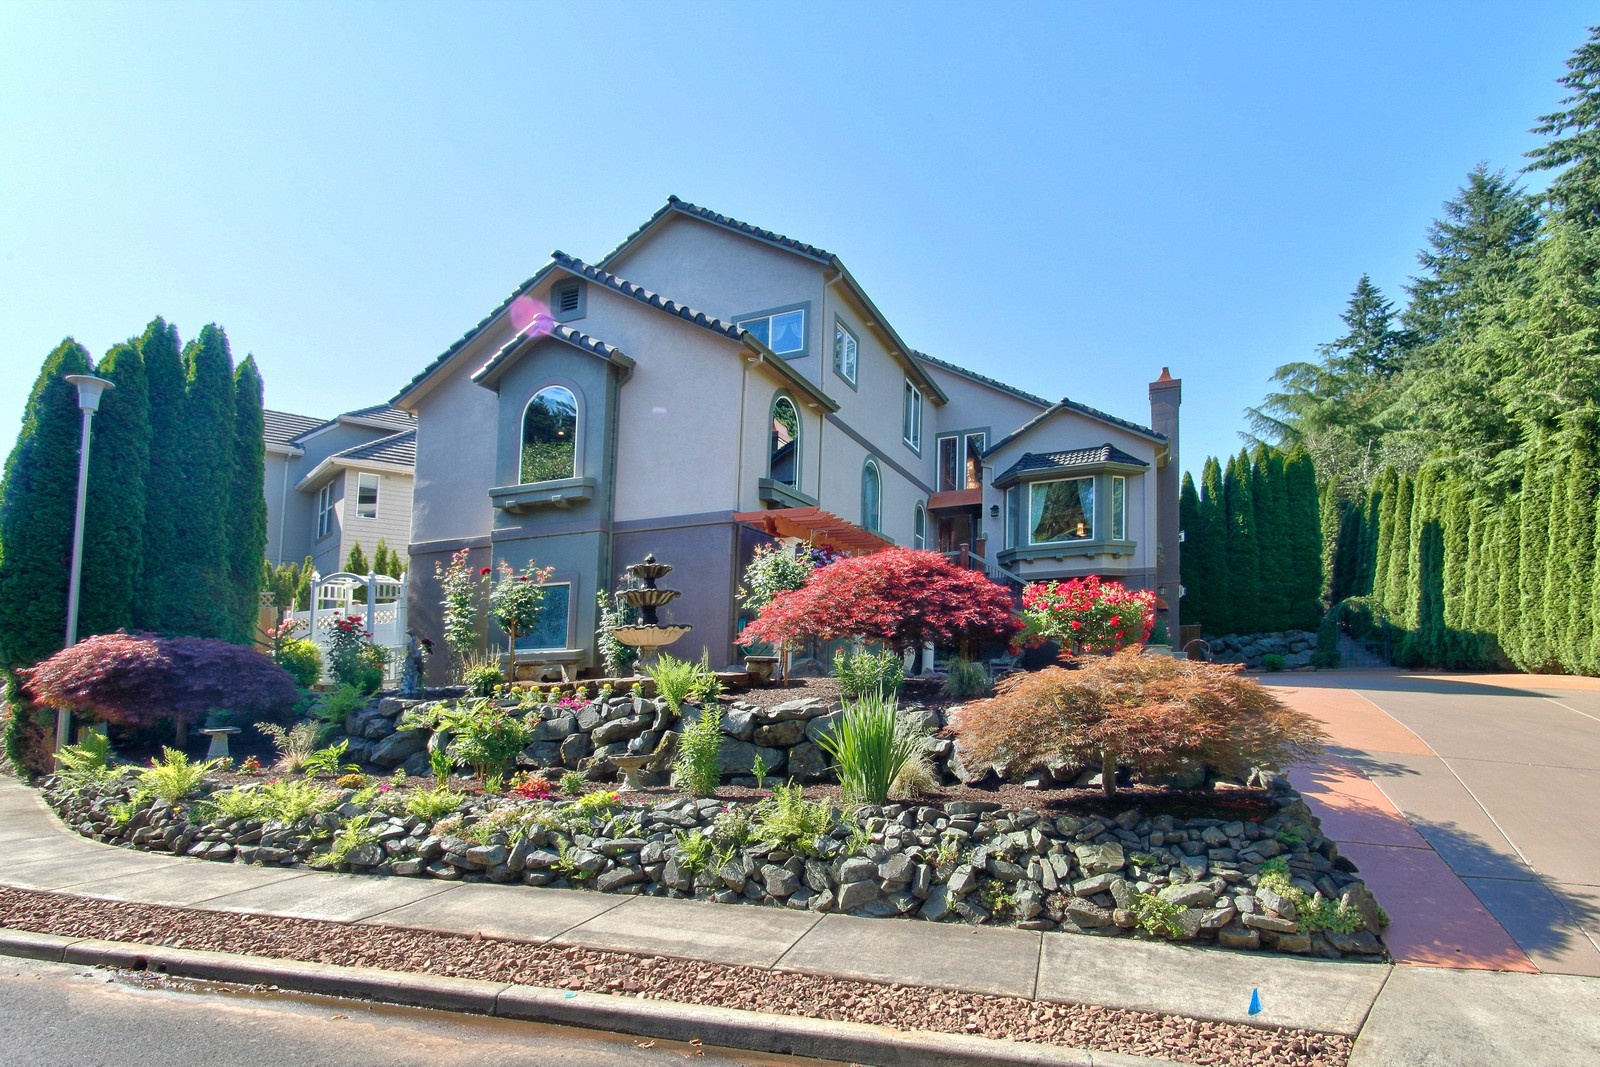 Nhà ở một gia đình vì Bán tại 1875 TEAKWOOD CIR, CANBY 1875 N TEAKWOOD Cir Canby, Oregon 97013 Hoa Kỳ